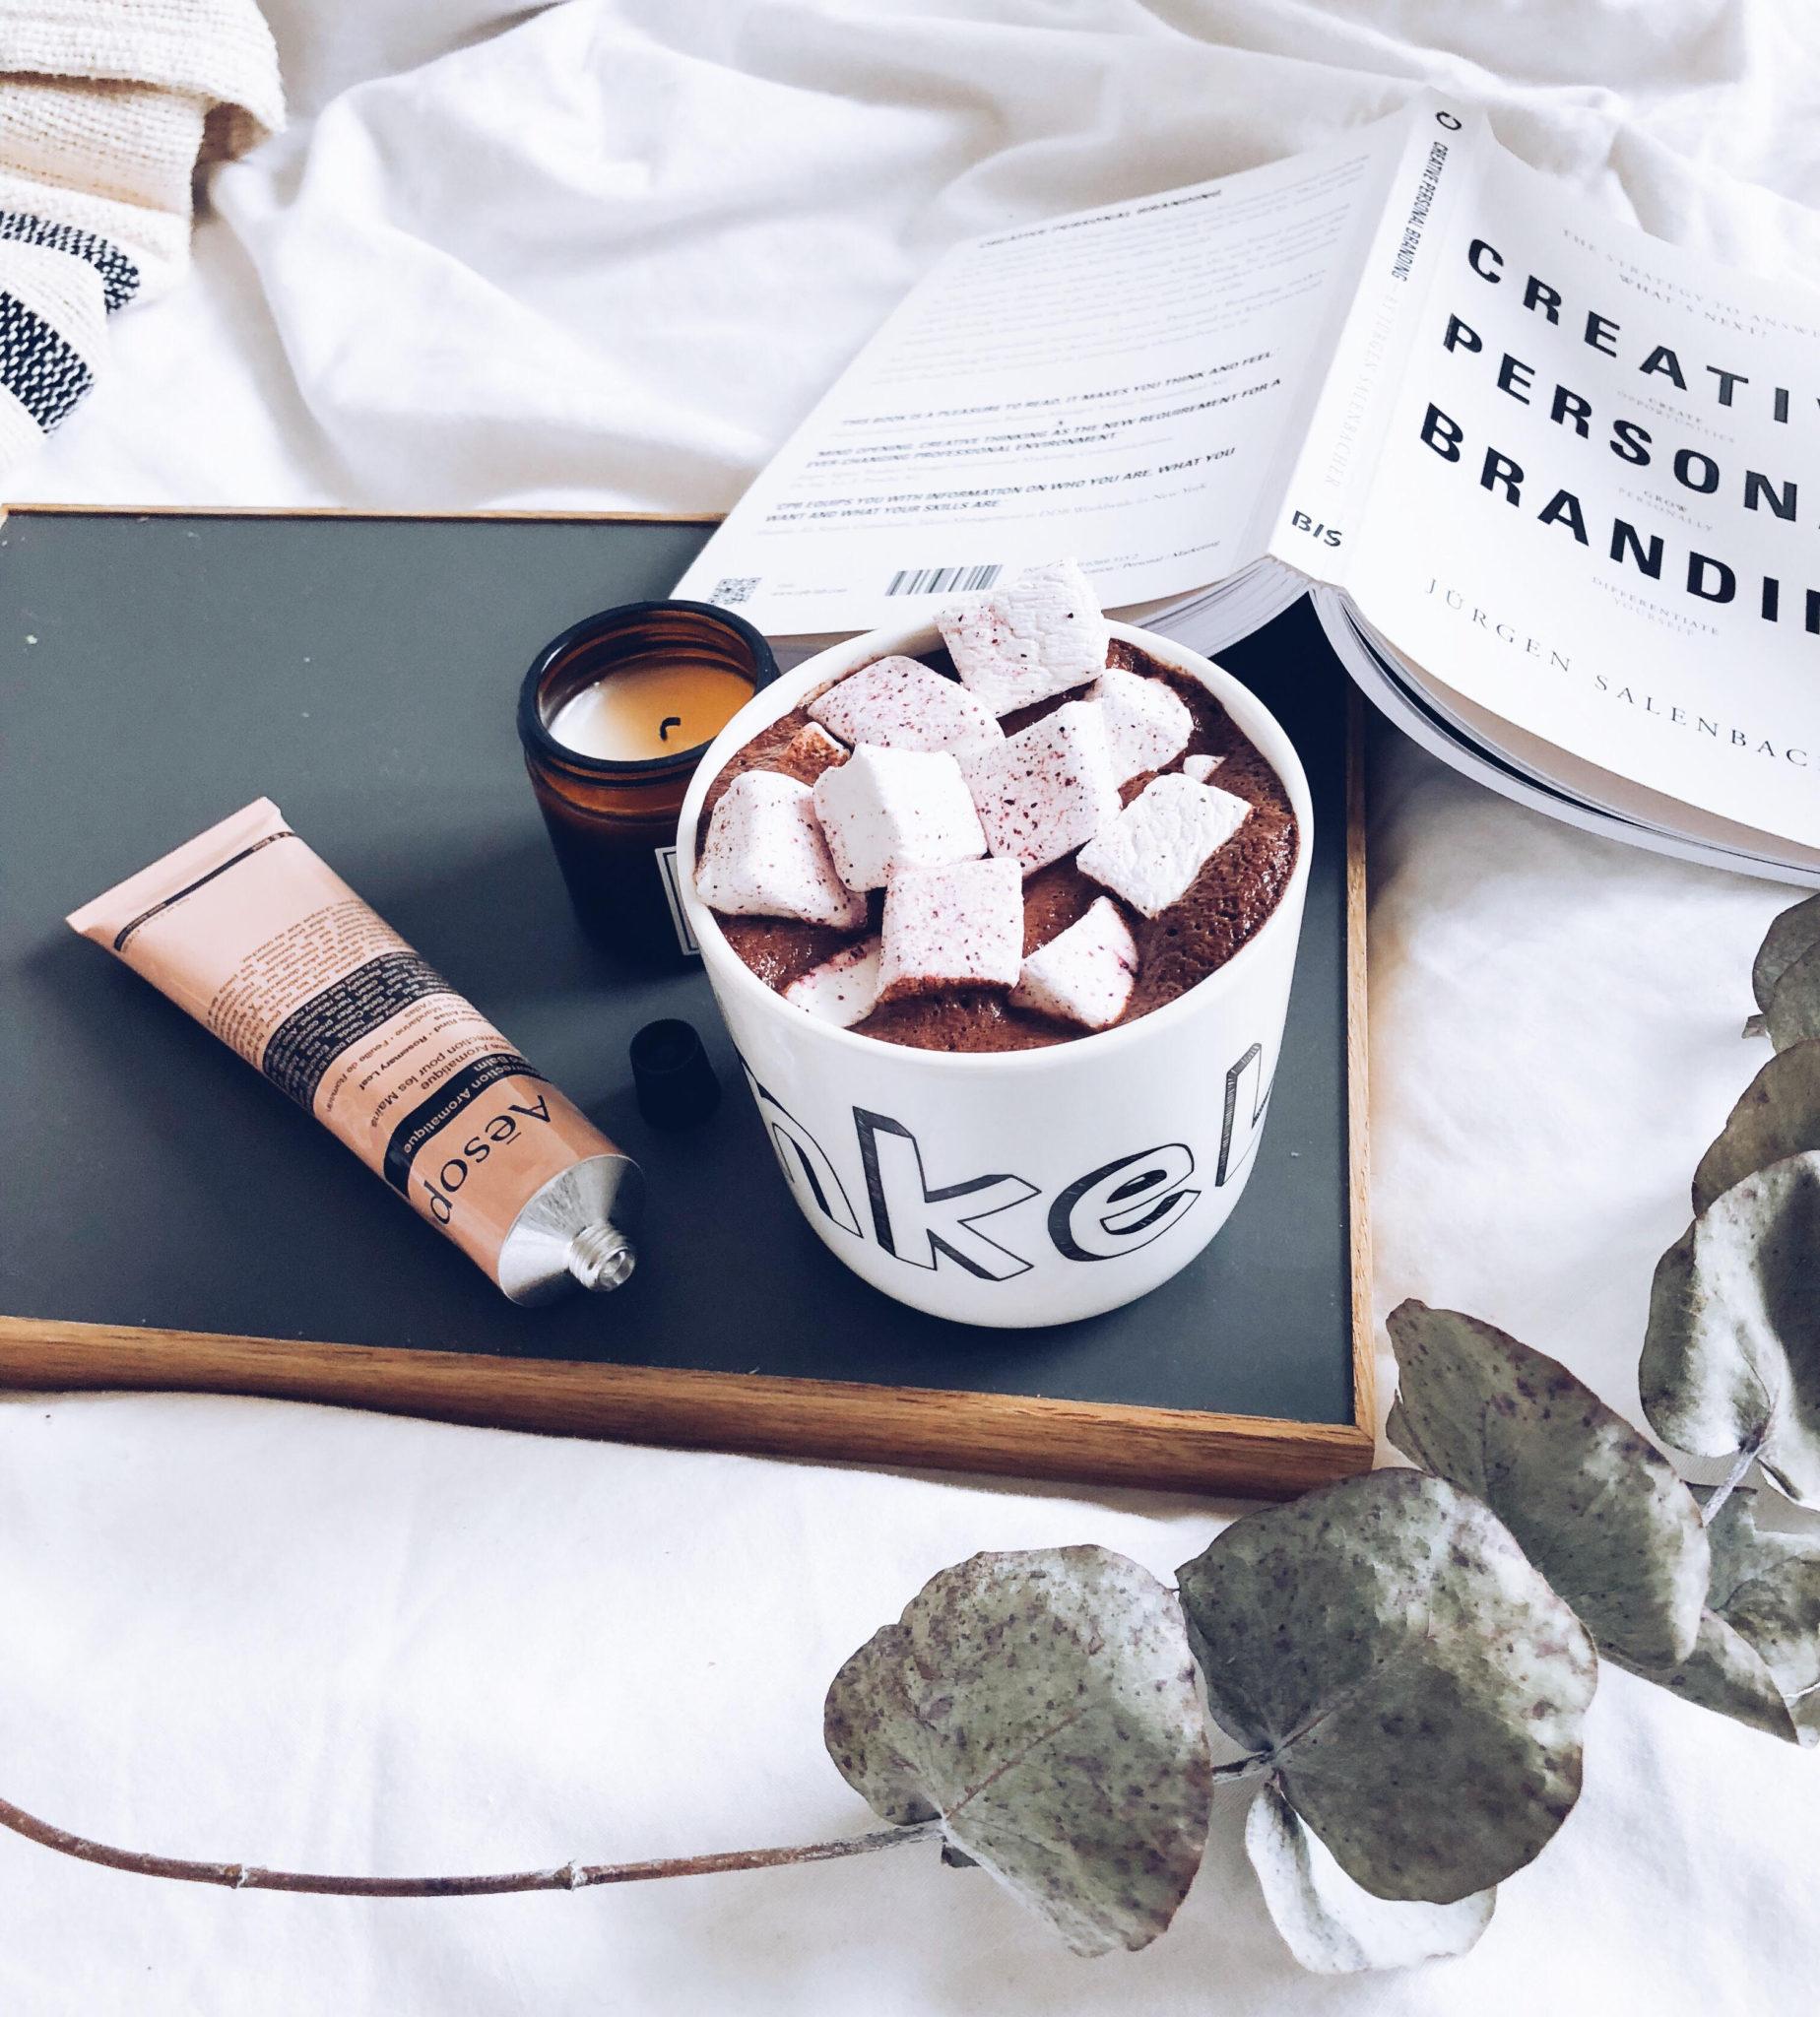 hjemmelavet varm kakao med ingefær og bakke, bog og creme fra Aesop